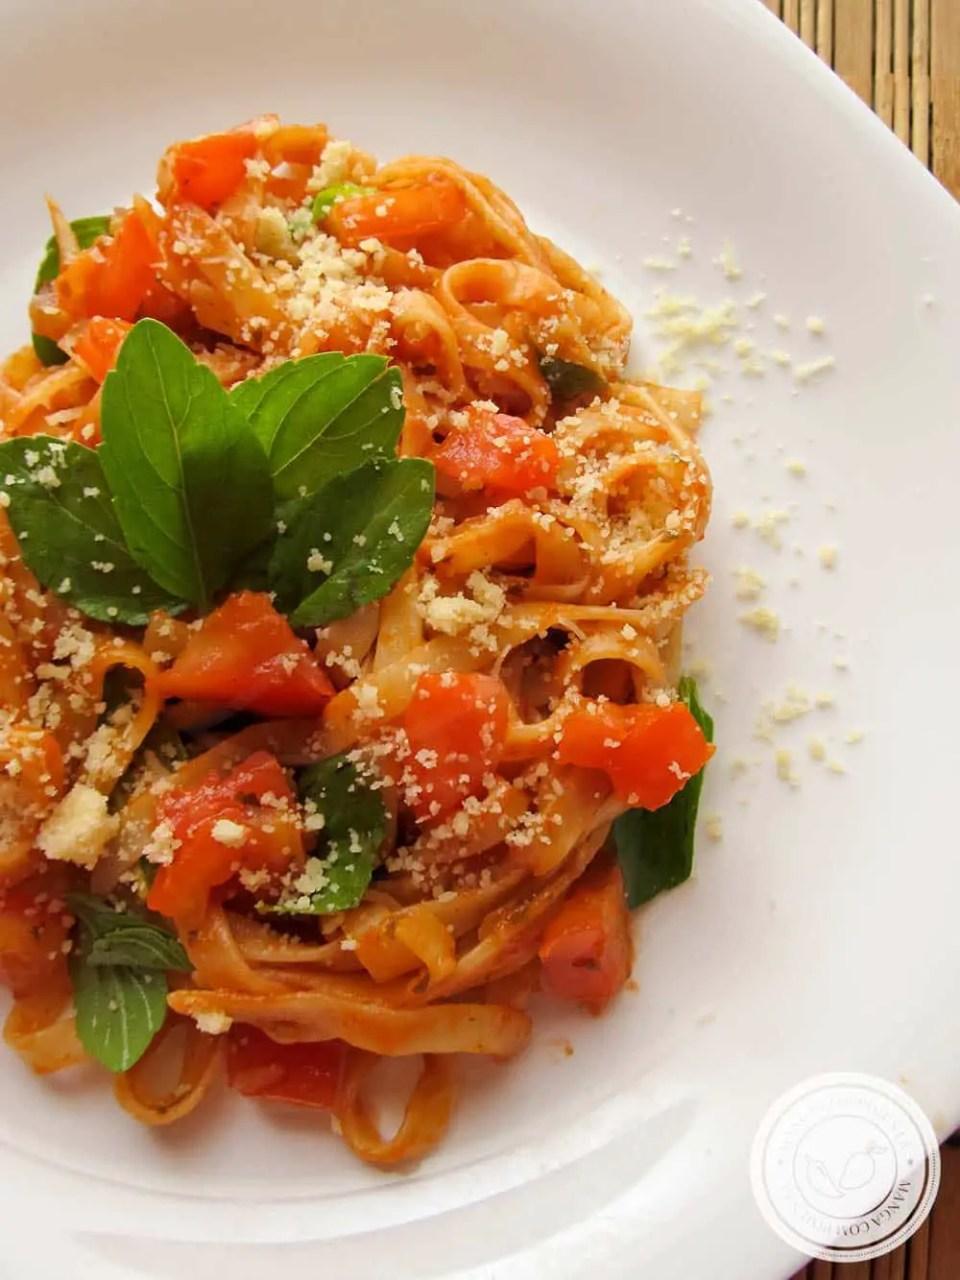 Macarrão com Molho de Tomate e Manjericão - uma refeição caseira e super simples de fazer.